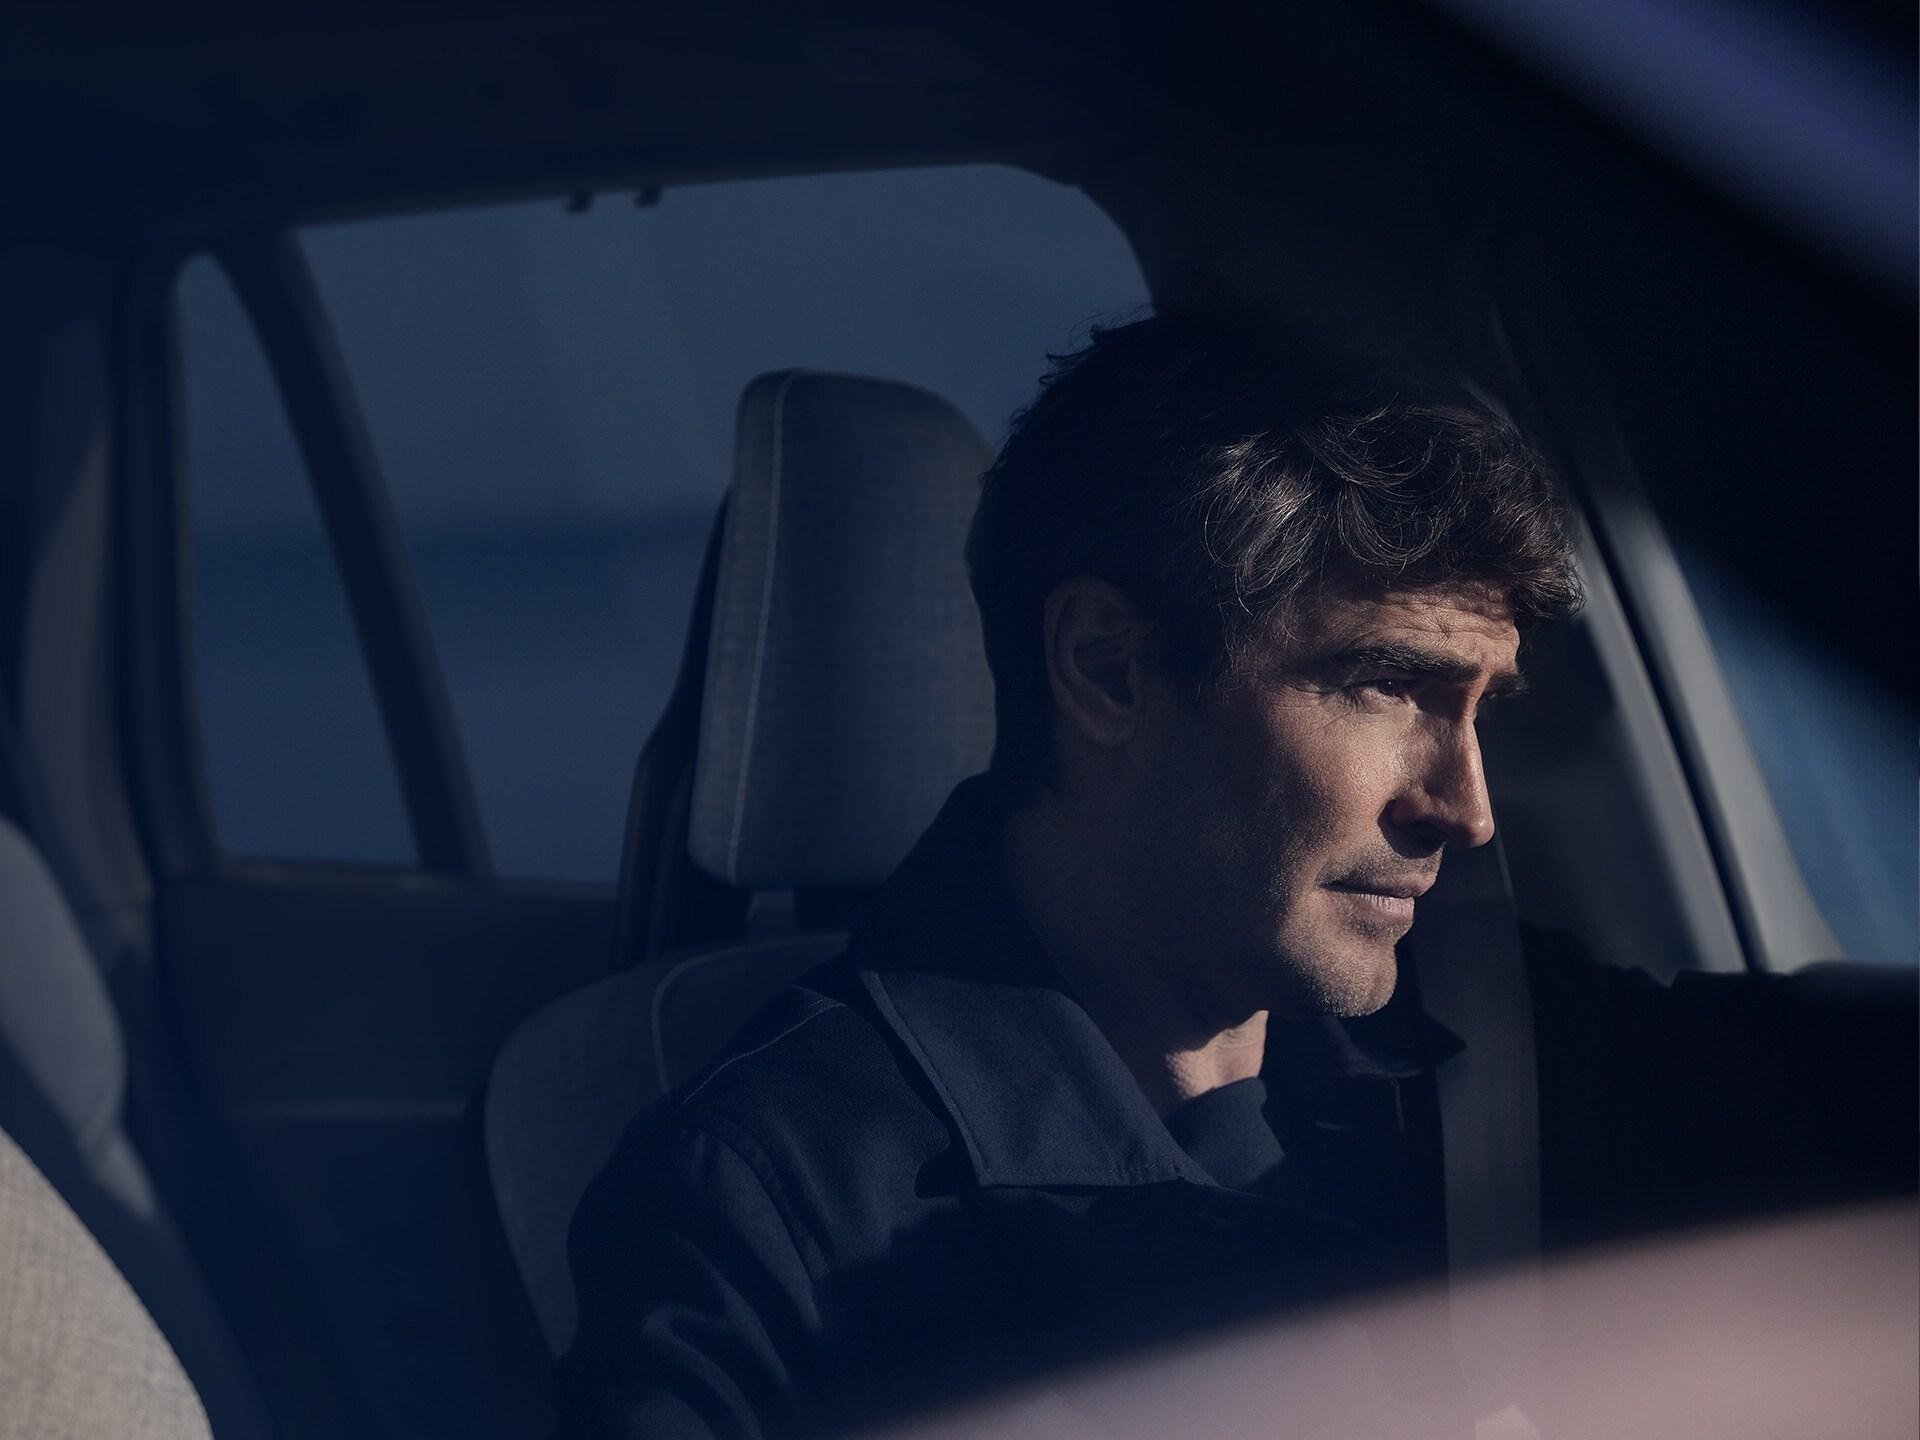 Ein Mann mit braunem Haar sitzt in einem Volvo XC90, während die Sonne auf sein Gesicht scheint.